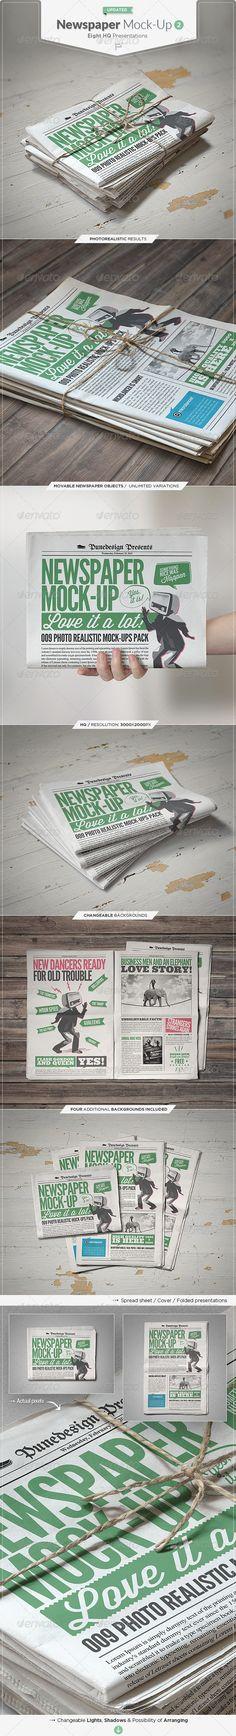 Newspaper / Newsletter Mock-Up - 2 Download here: https://graphicriver.net/item/newspaper-newsletter-mockup-2/5220651?ref=KlitVogli